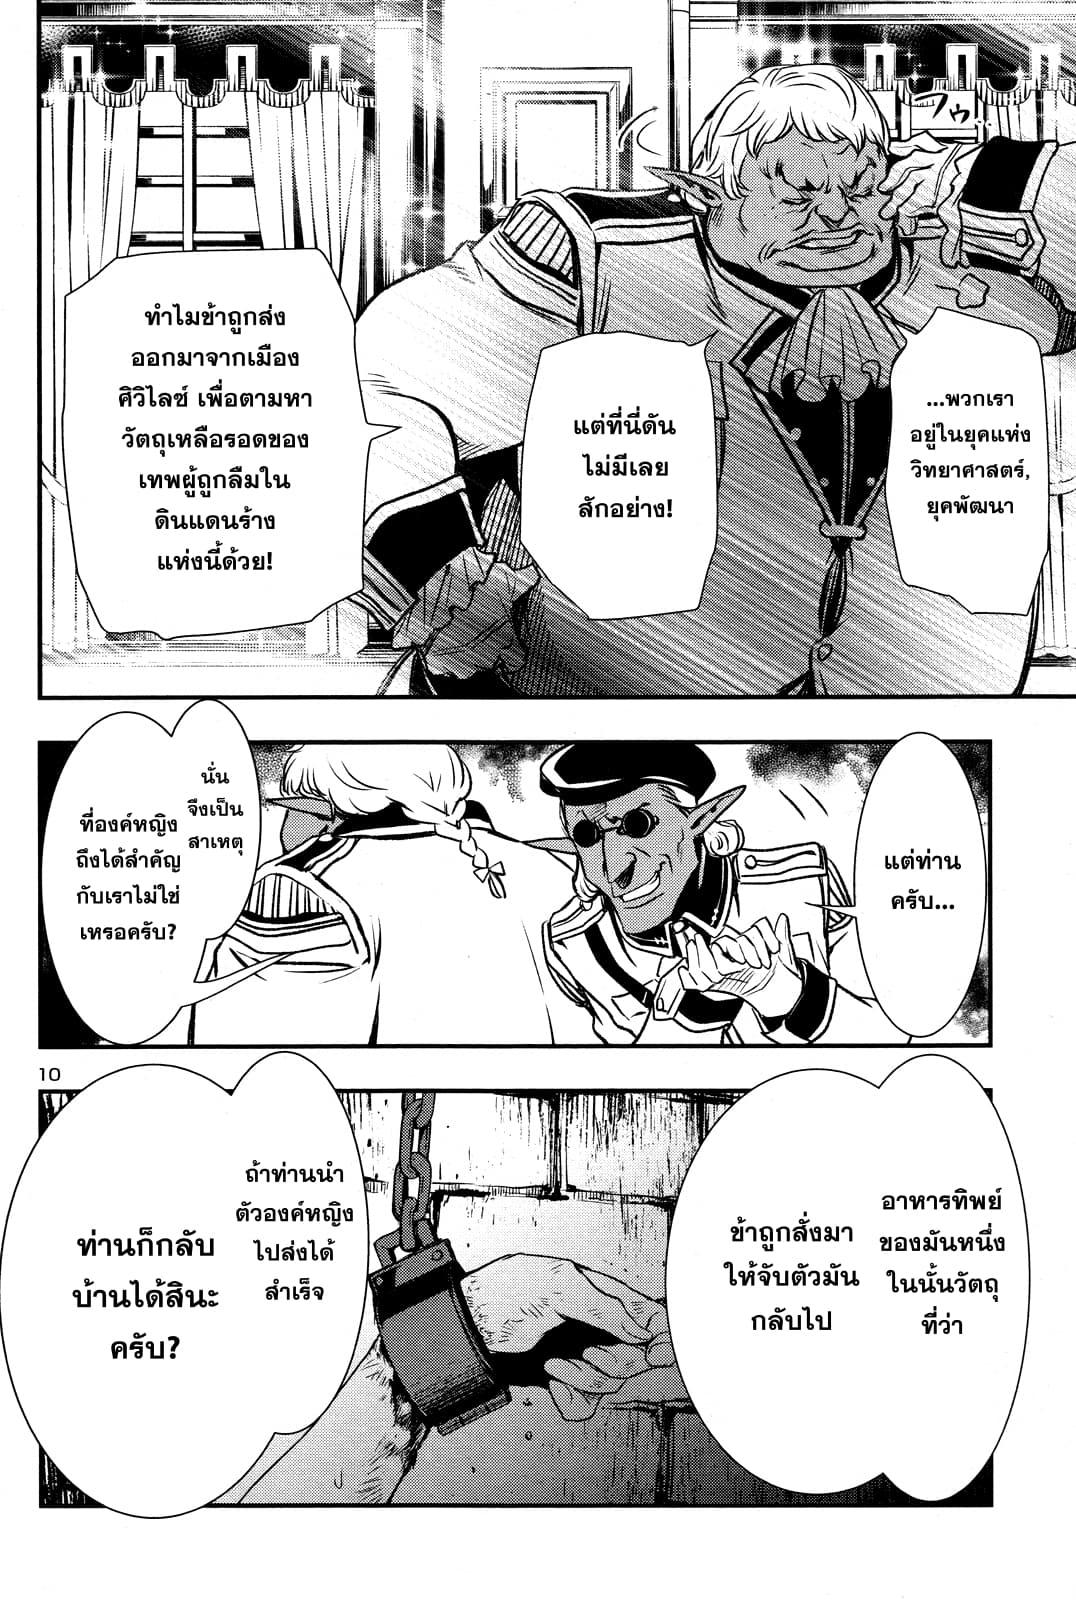 อ่านการ์ตูน Shinju no Nectar ตอนที่ 6 หน้าที่ 10